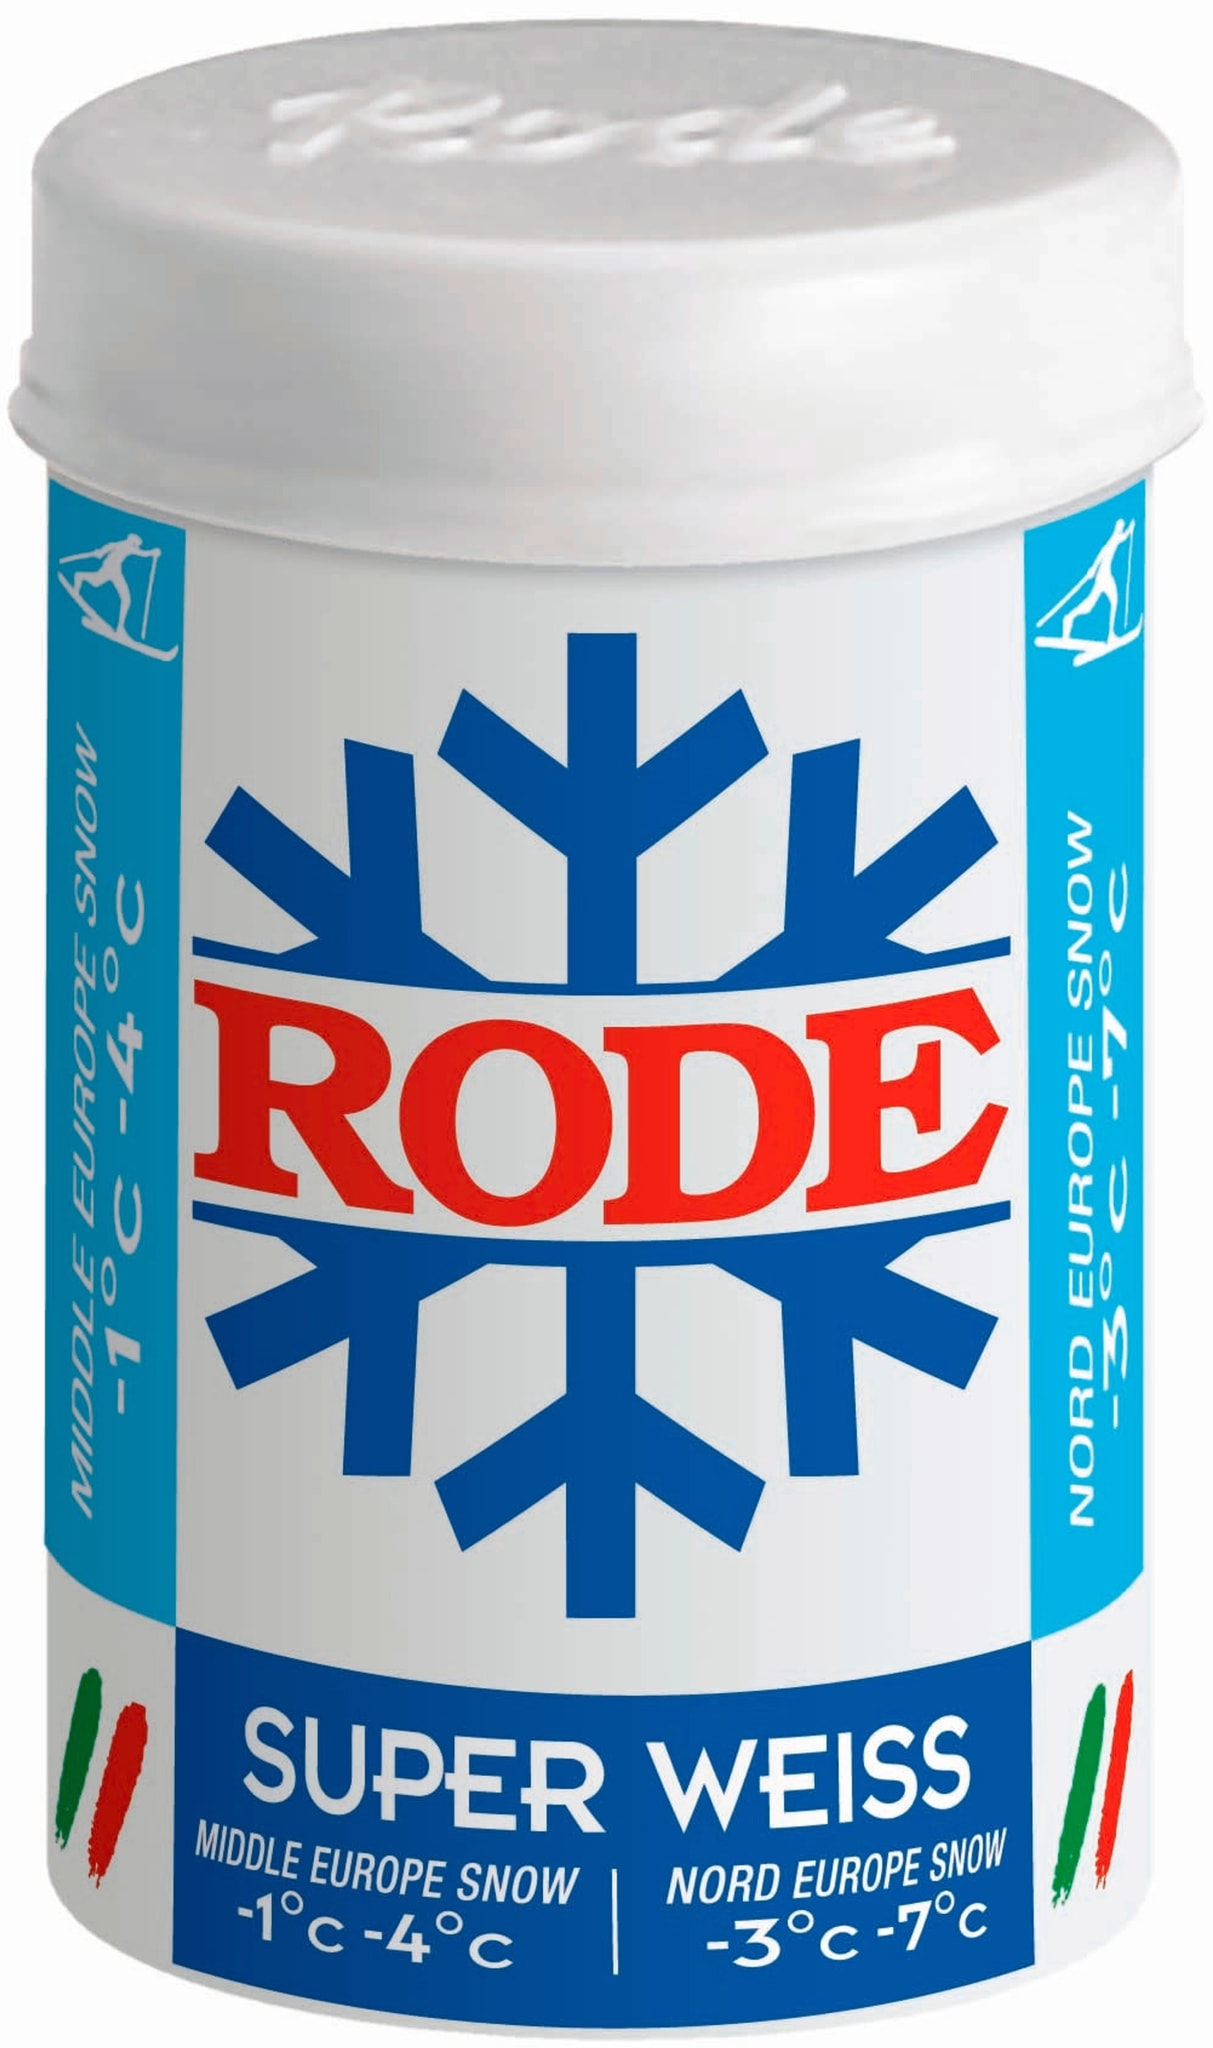 Smørevoks fra Rode, med bl.a. Velkjente smurninger som Multigrade, Violett og mer.